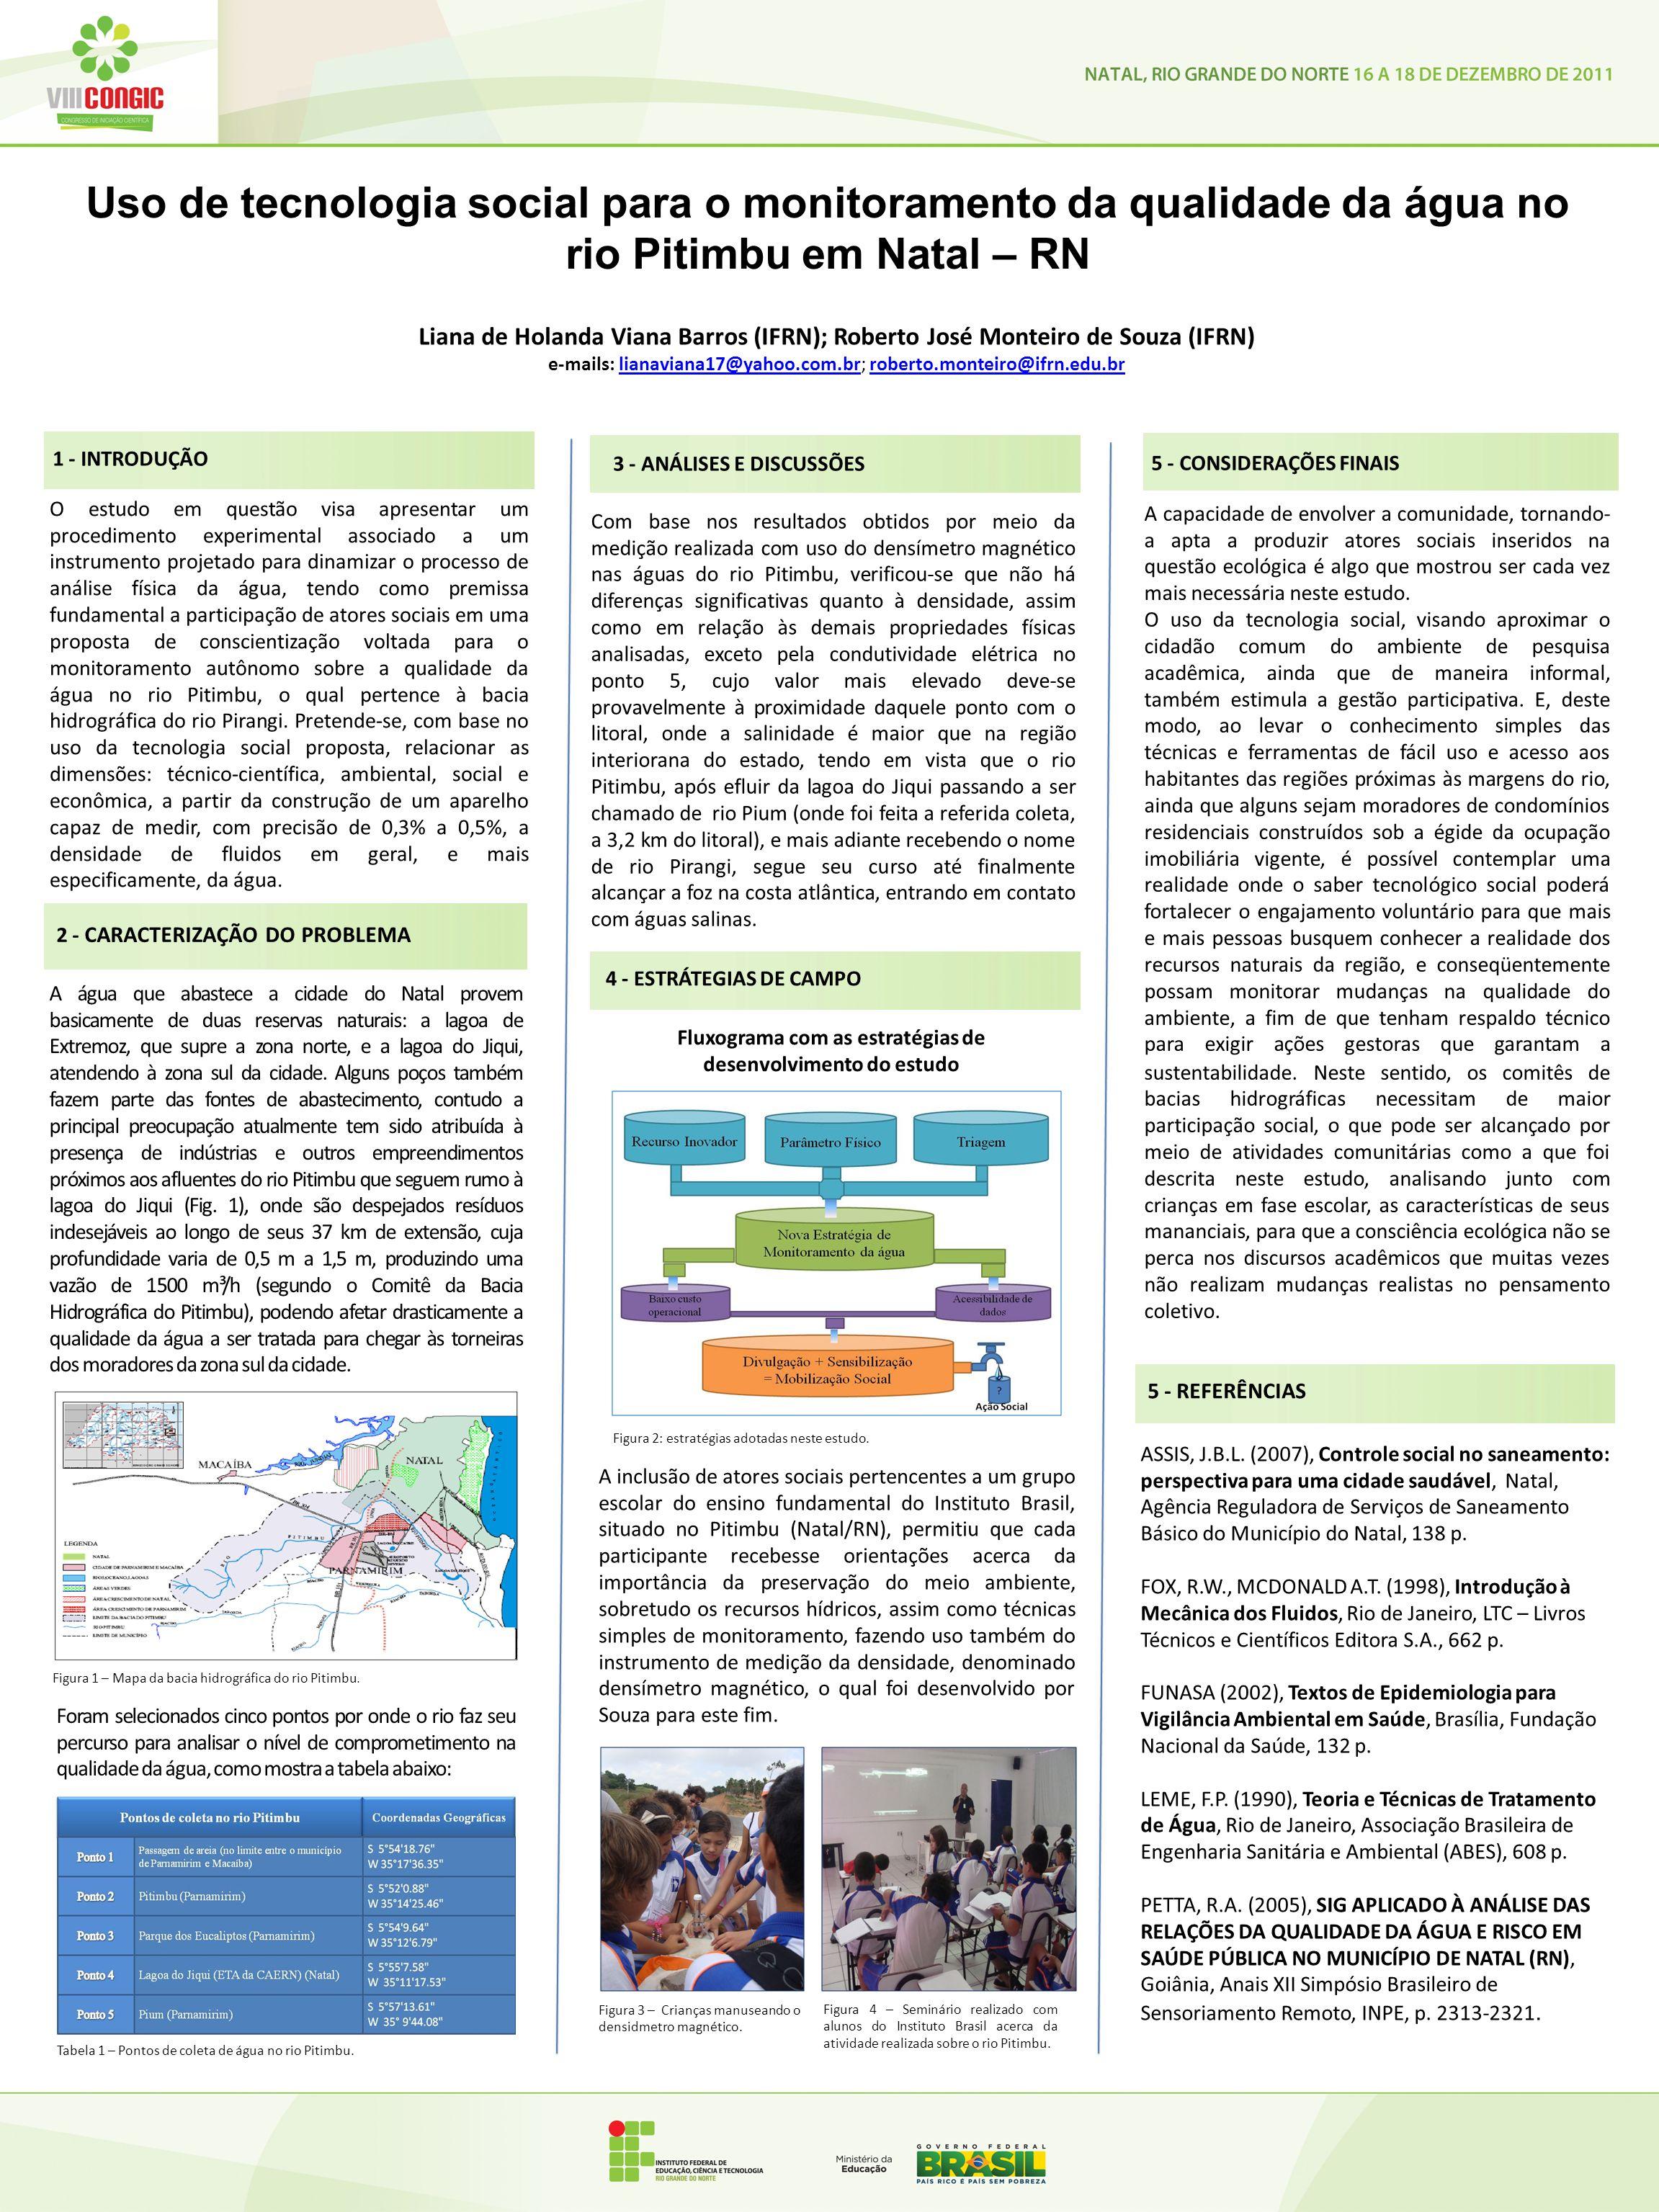 Uso de tecnologia social para o monitoramento da qualidade da água no rio Pitimbu em Natal – RN